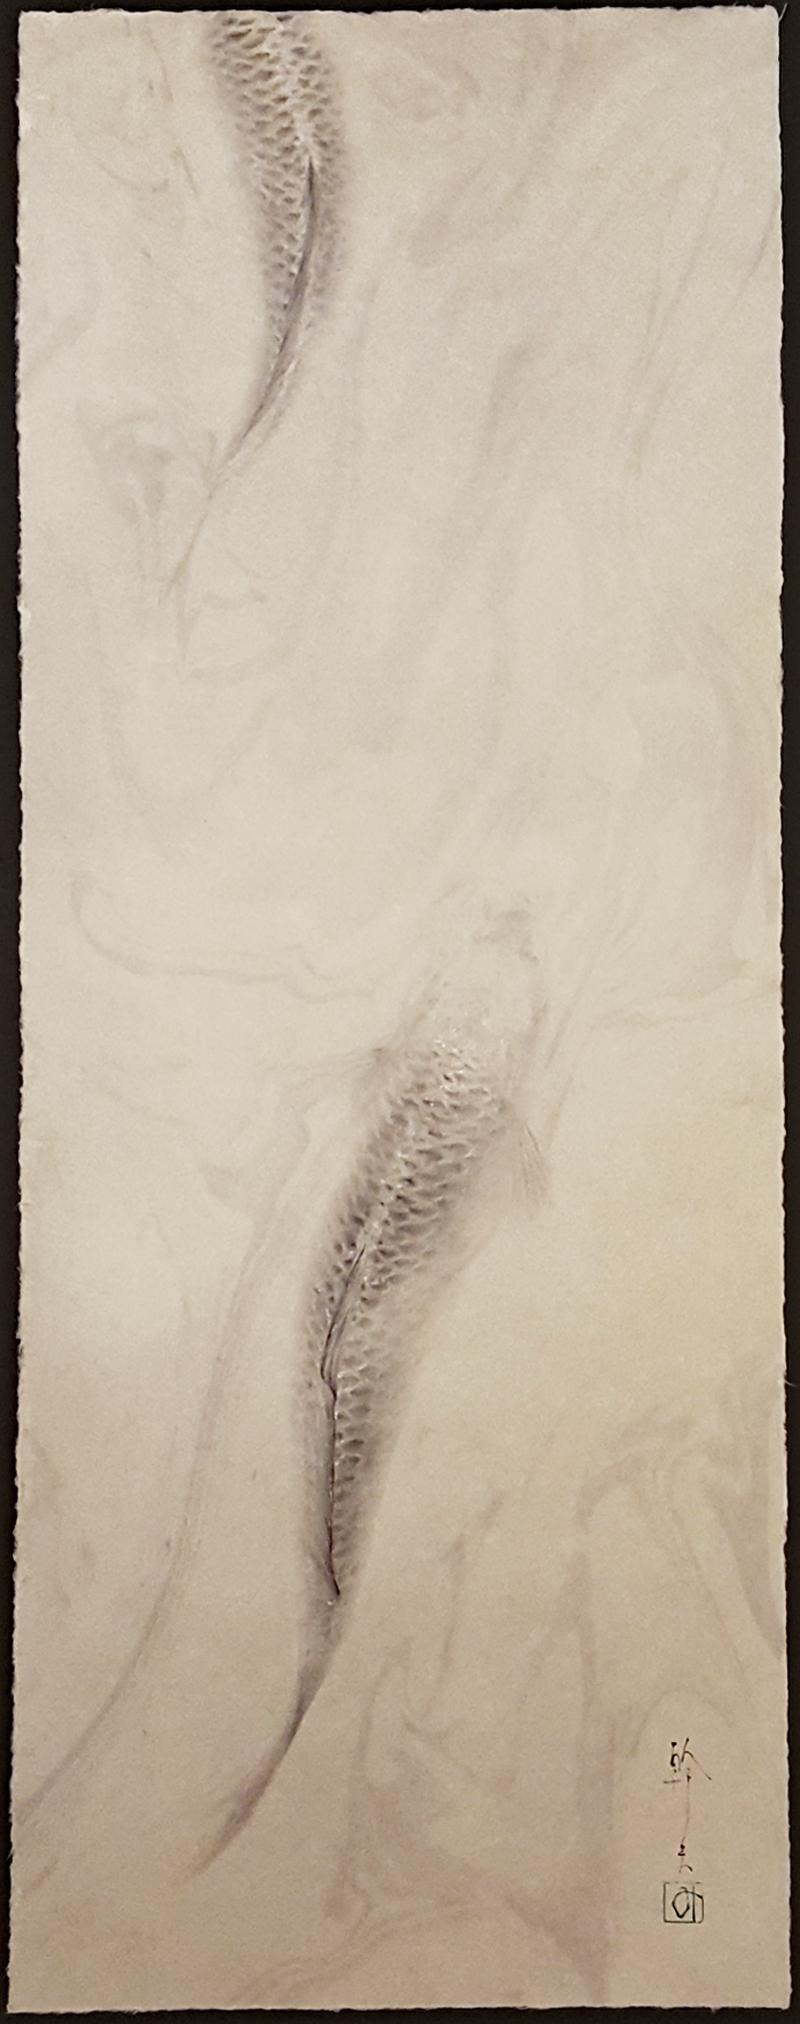 Koi I, original watercolor